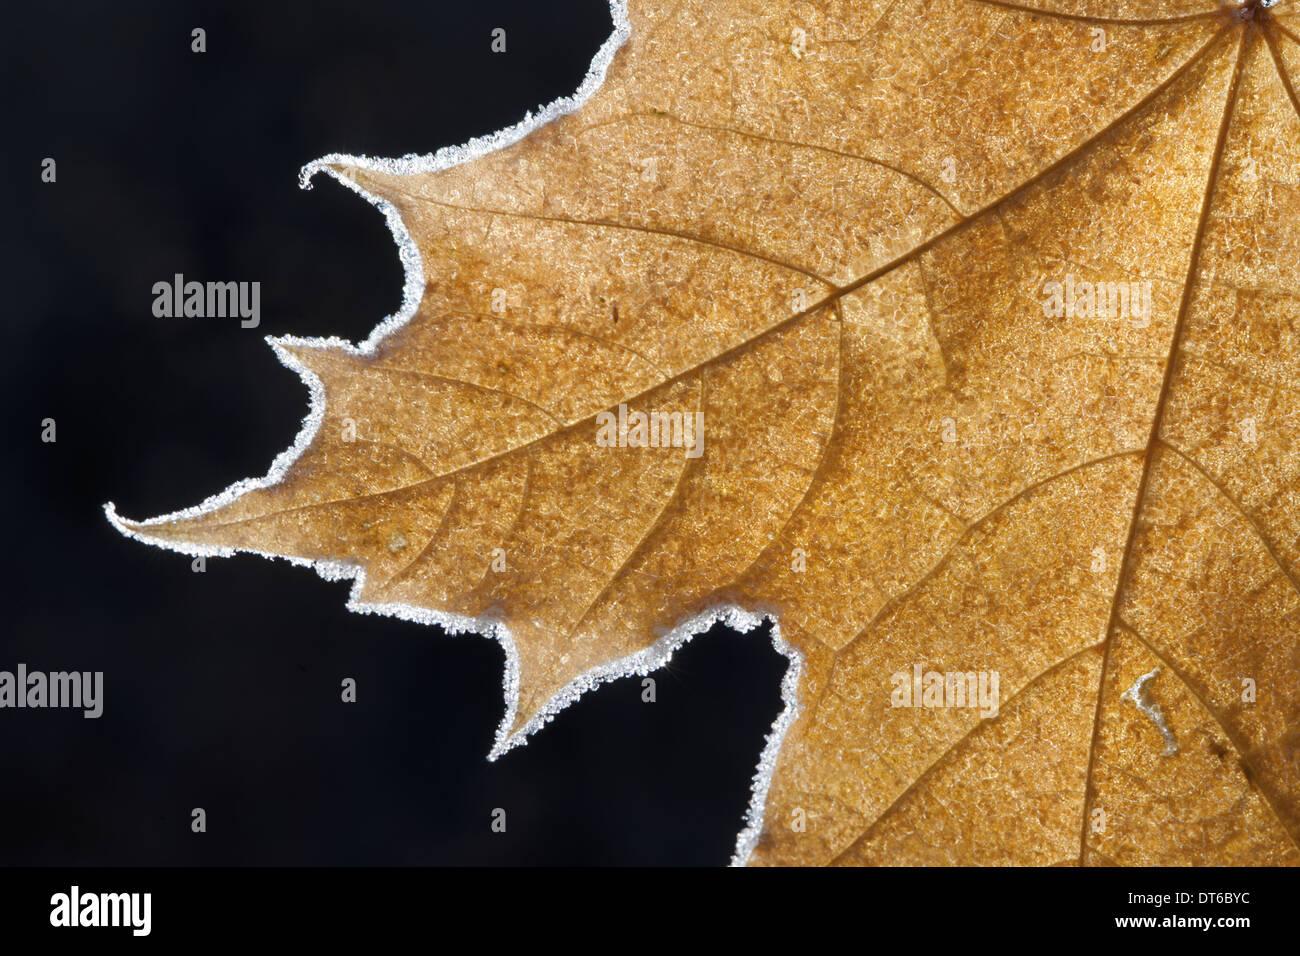 Teil von einer braunen mattierte Ahornblatt mit Mittelrillen und unverwechselbaren Umriss. Stockbild